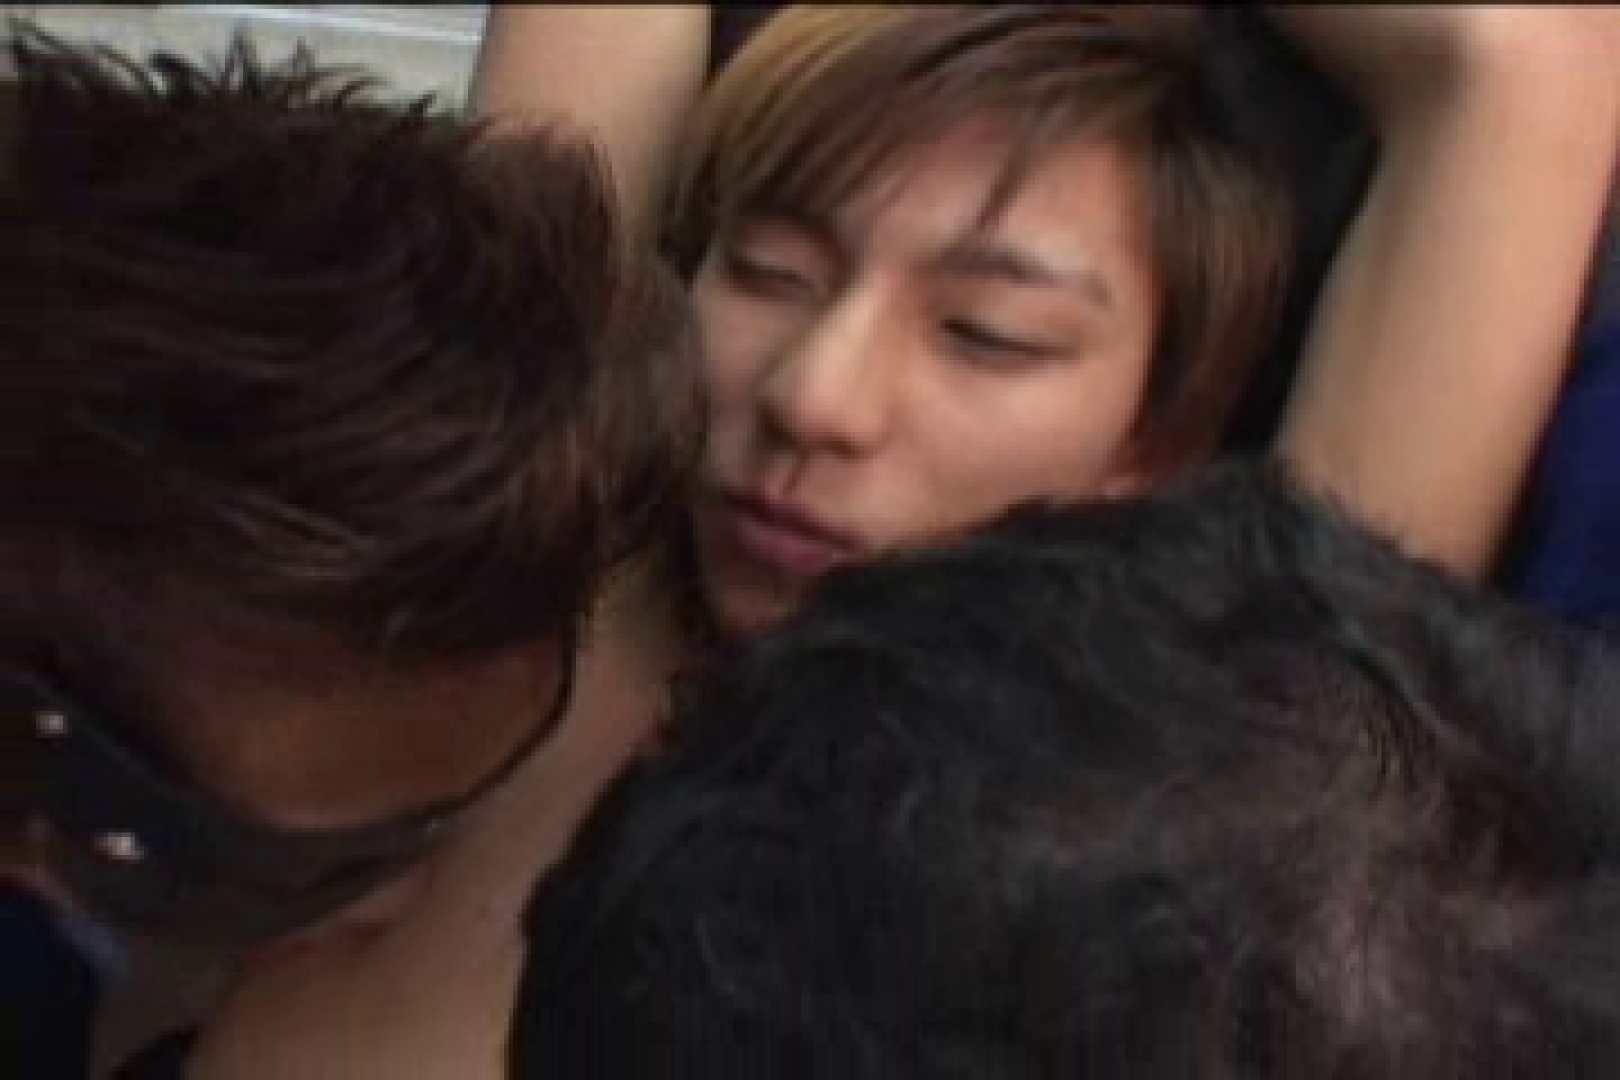 怒涛の集団攻撃!!vol.02 ディープキス ゲイセックス画像 97pic 7